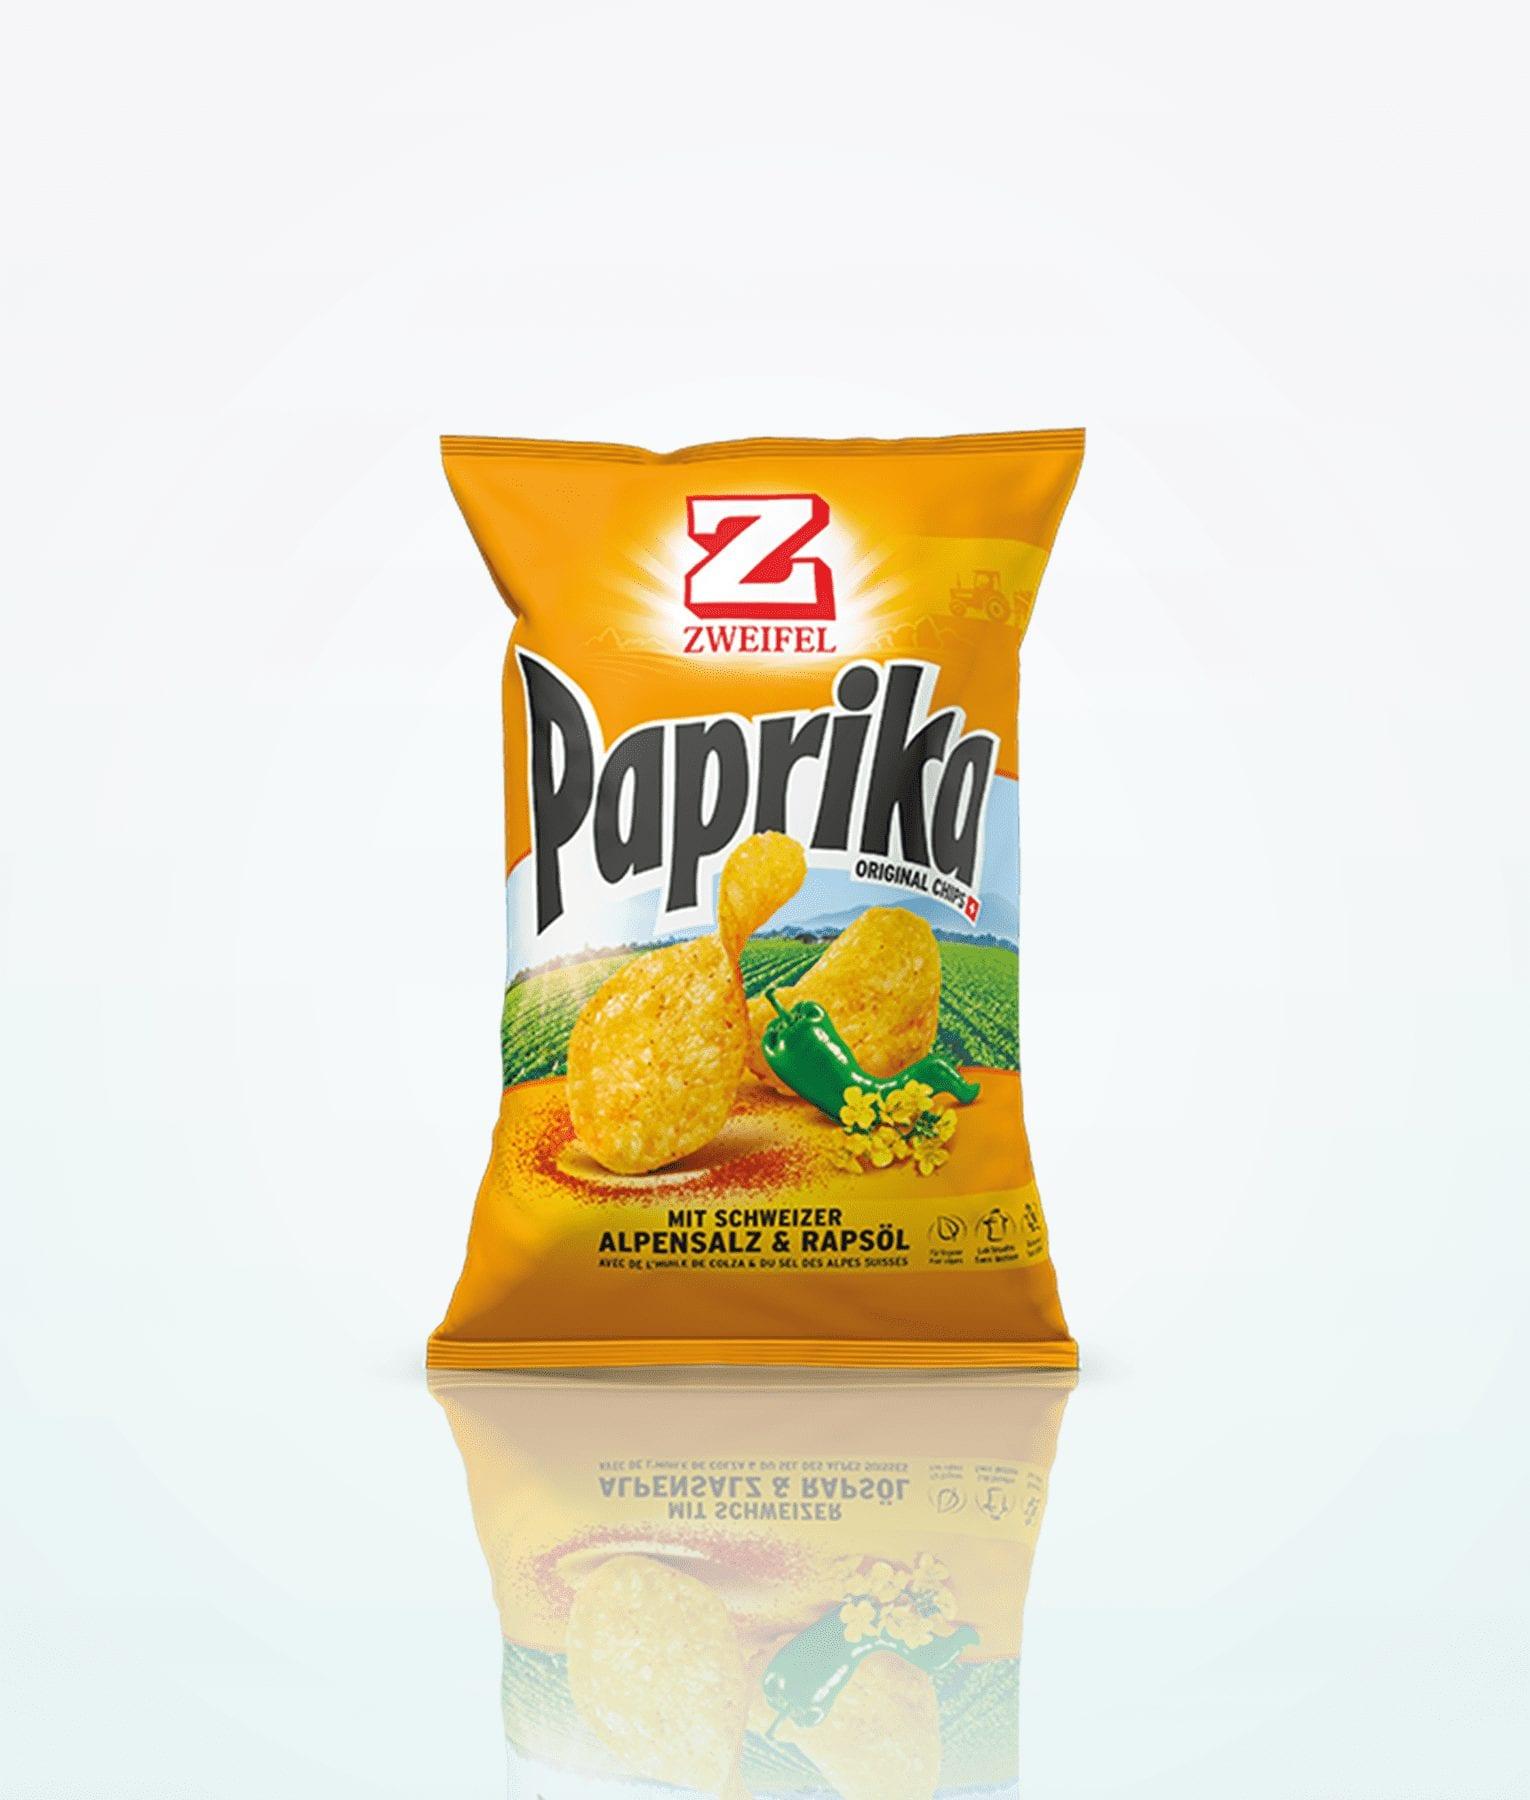 Zweifel-paprika-potato